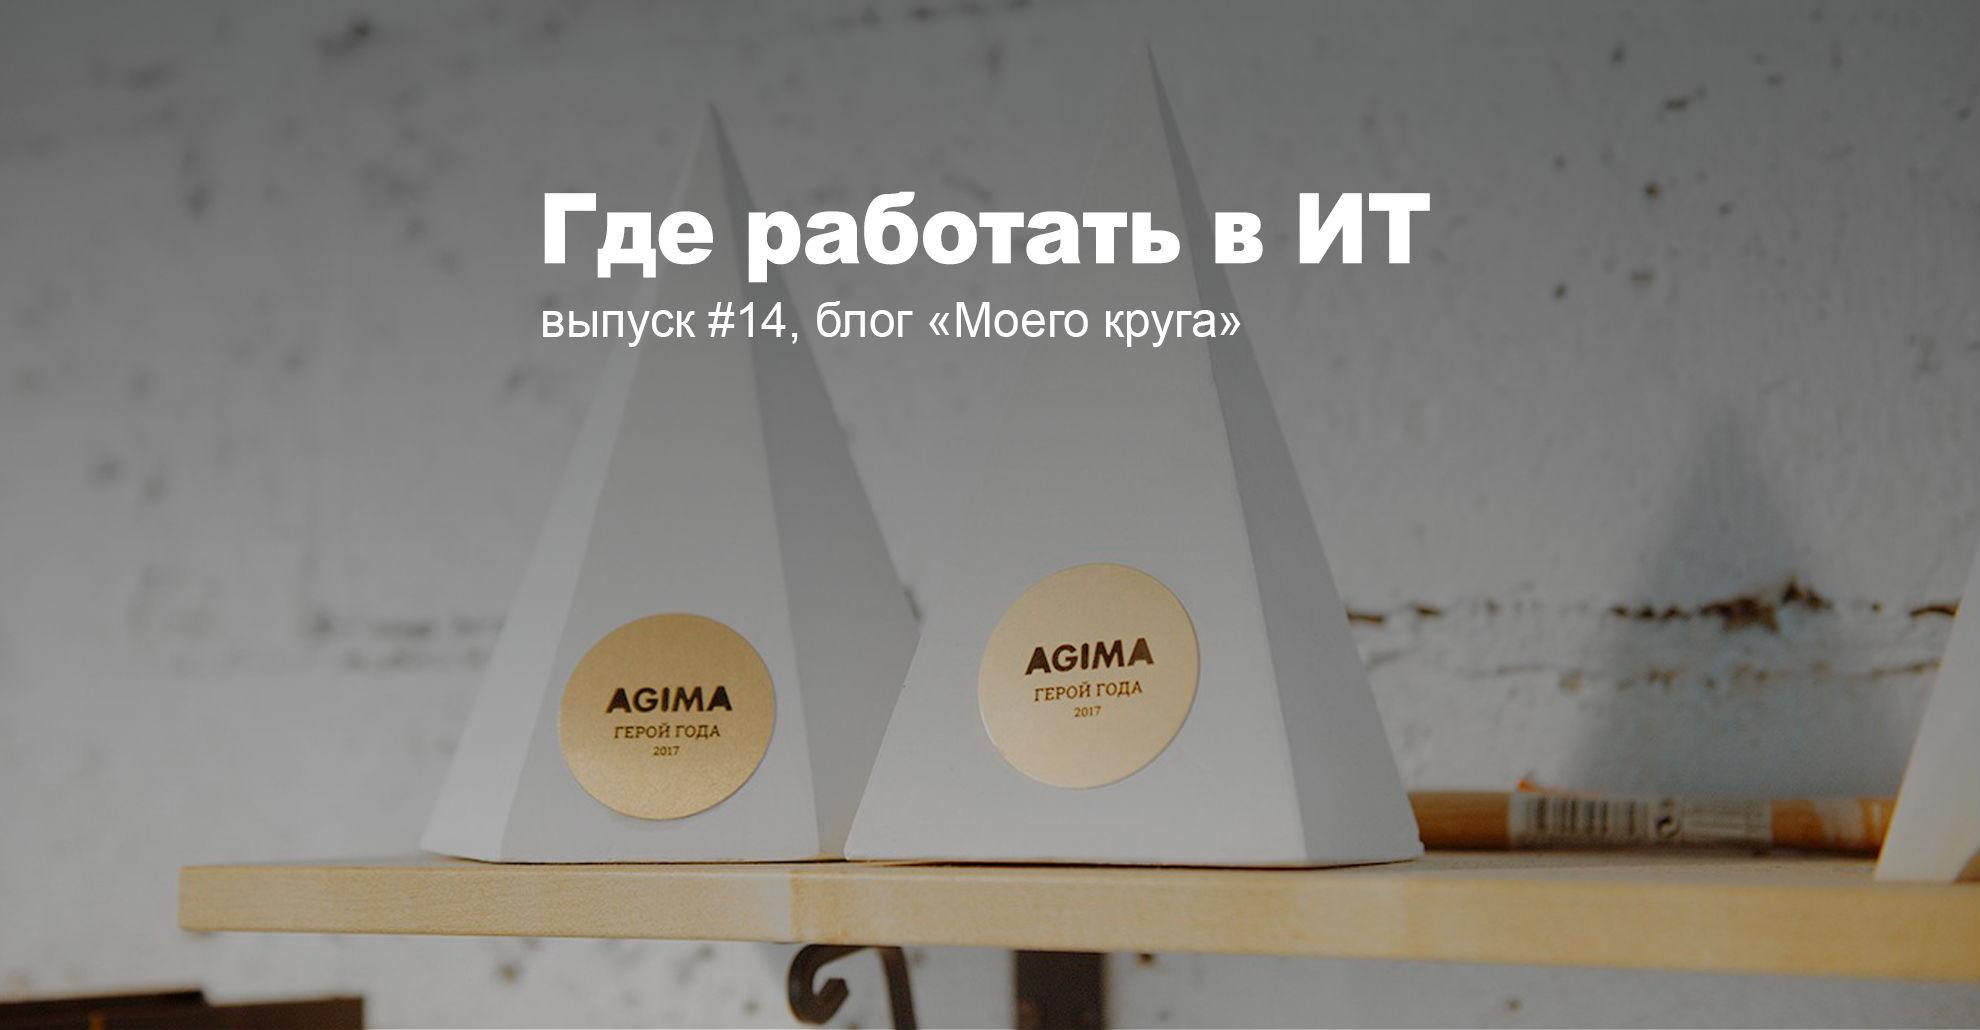 Крупнейшие заказчики в России — большой куш или головная боль? Опыт AGIMA